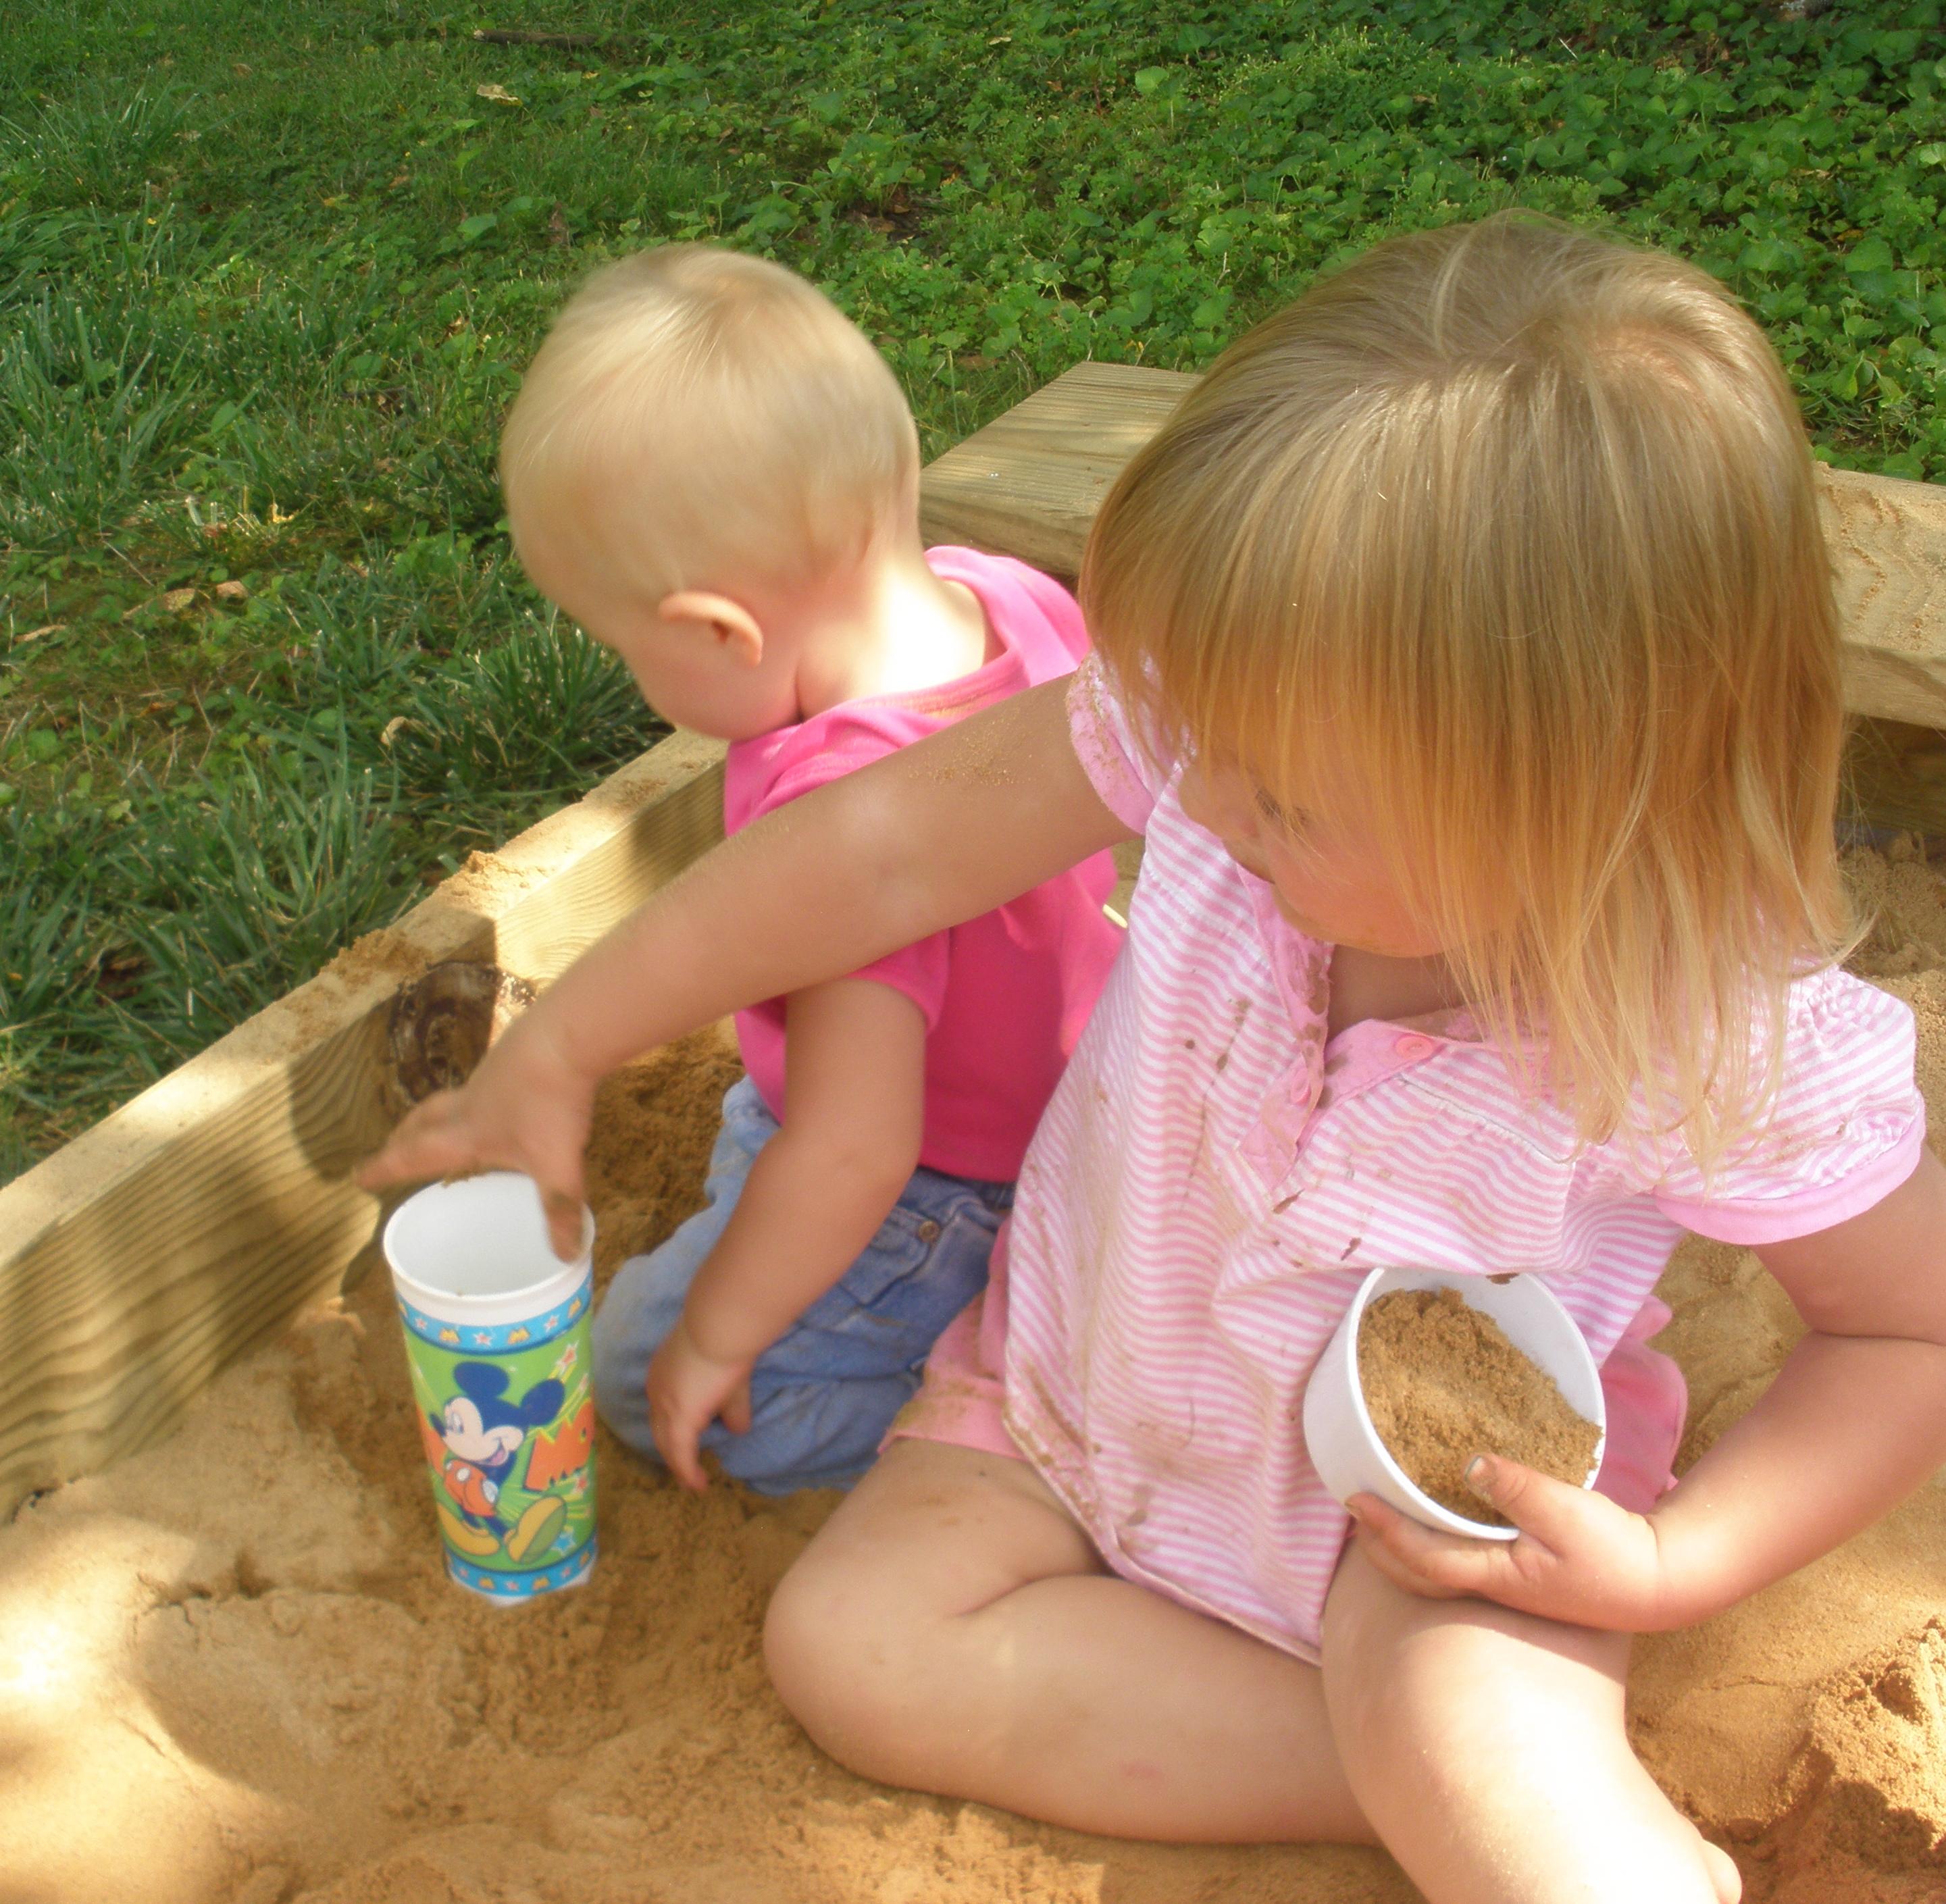 girls in a sandbox